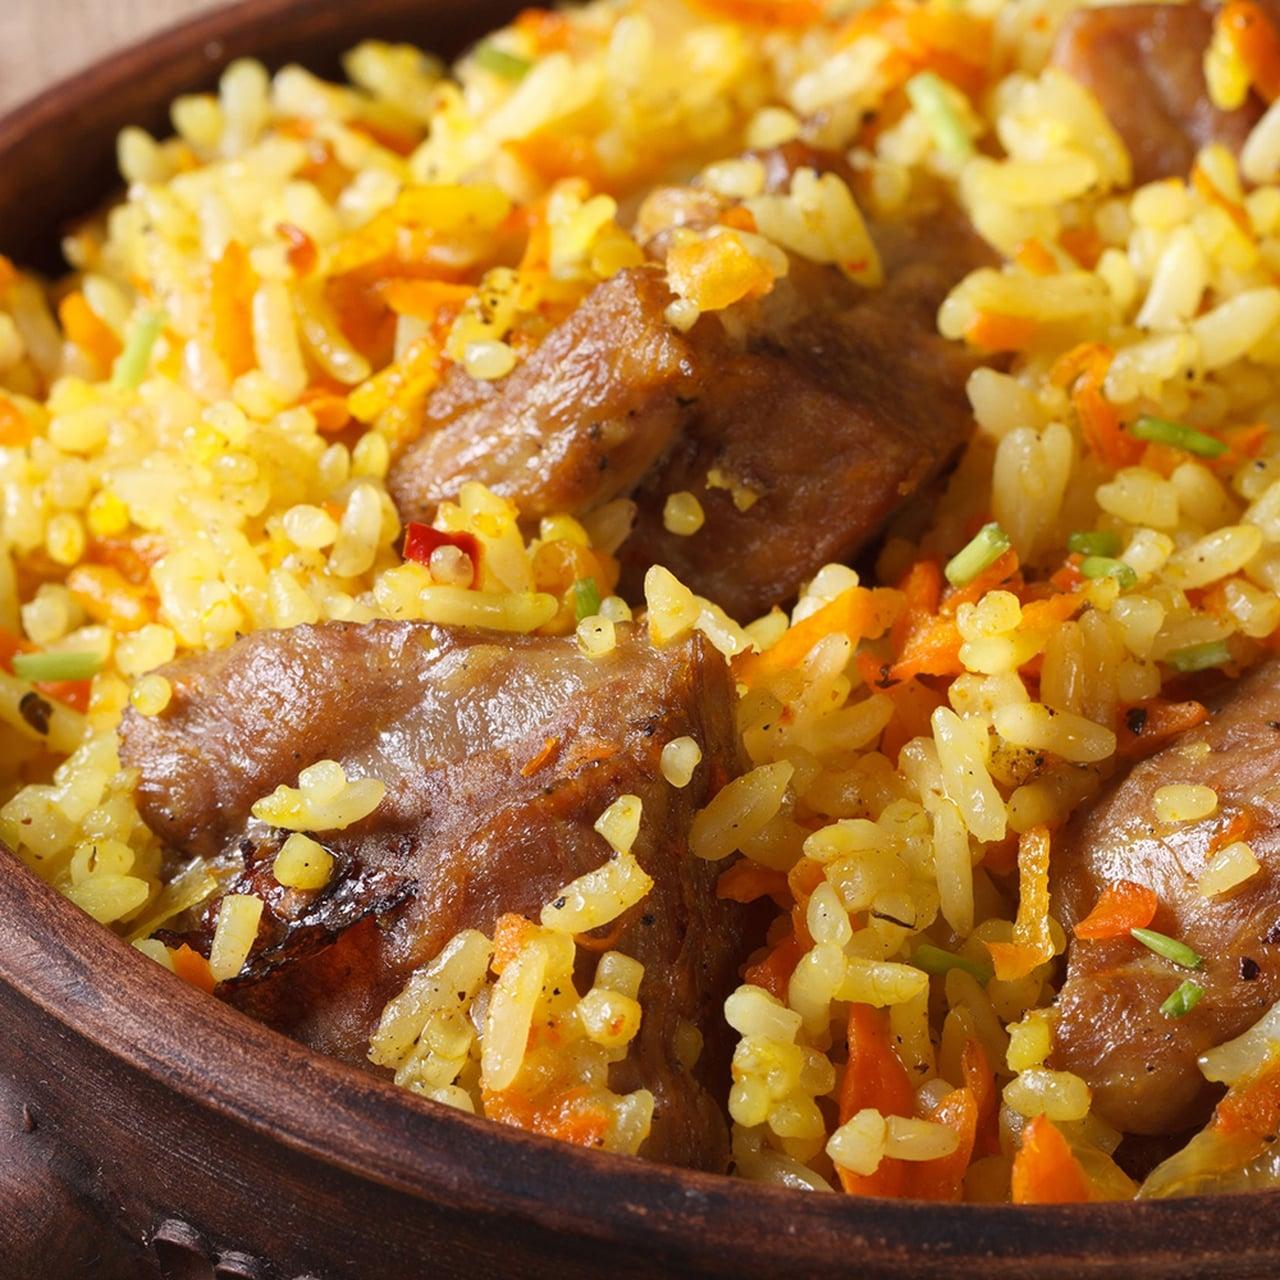 طريقة عمل الأرز بالجزر والقرفة مع اللحم